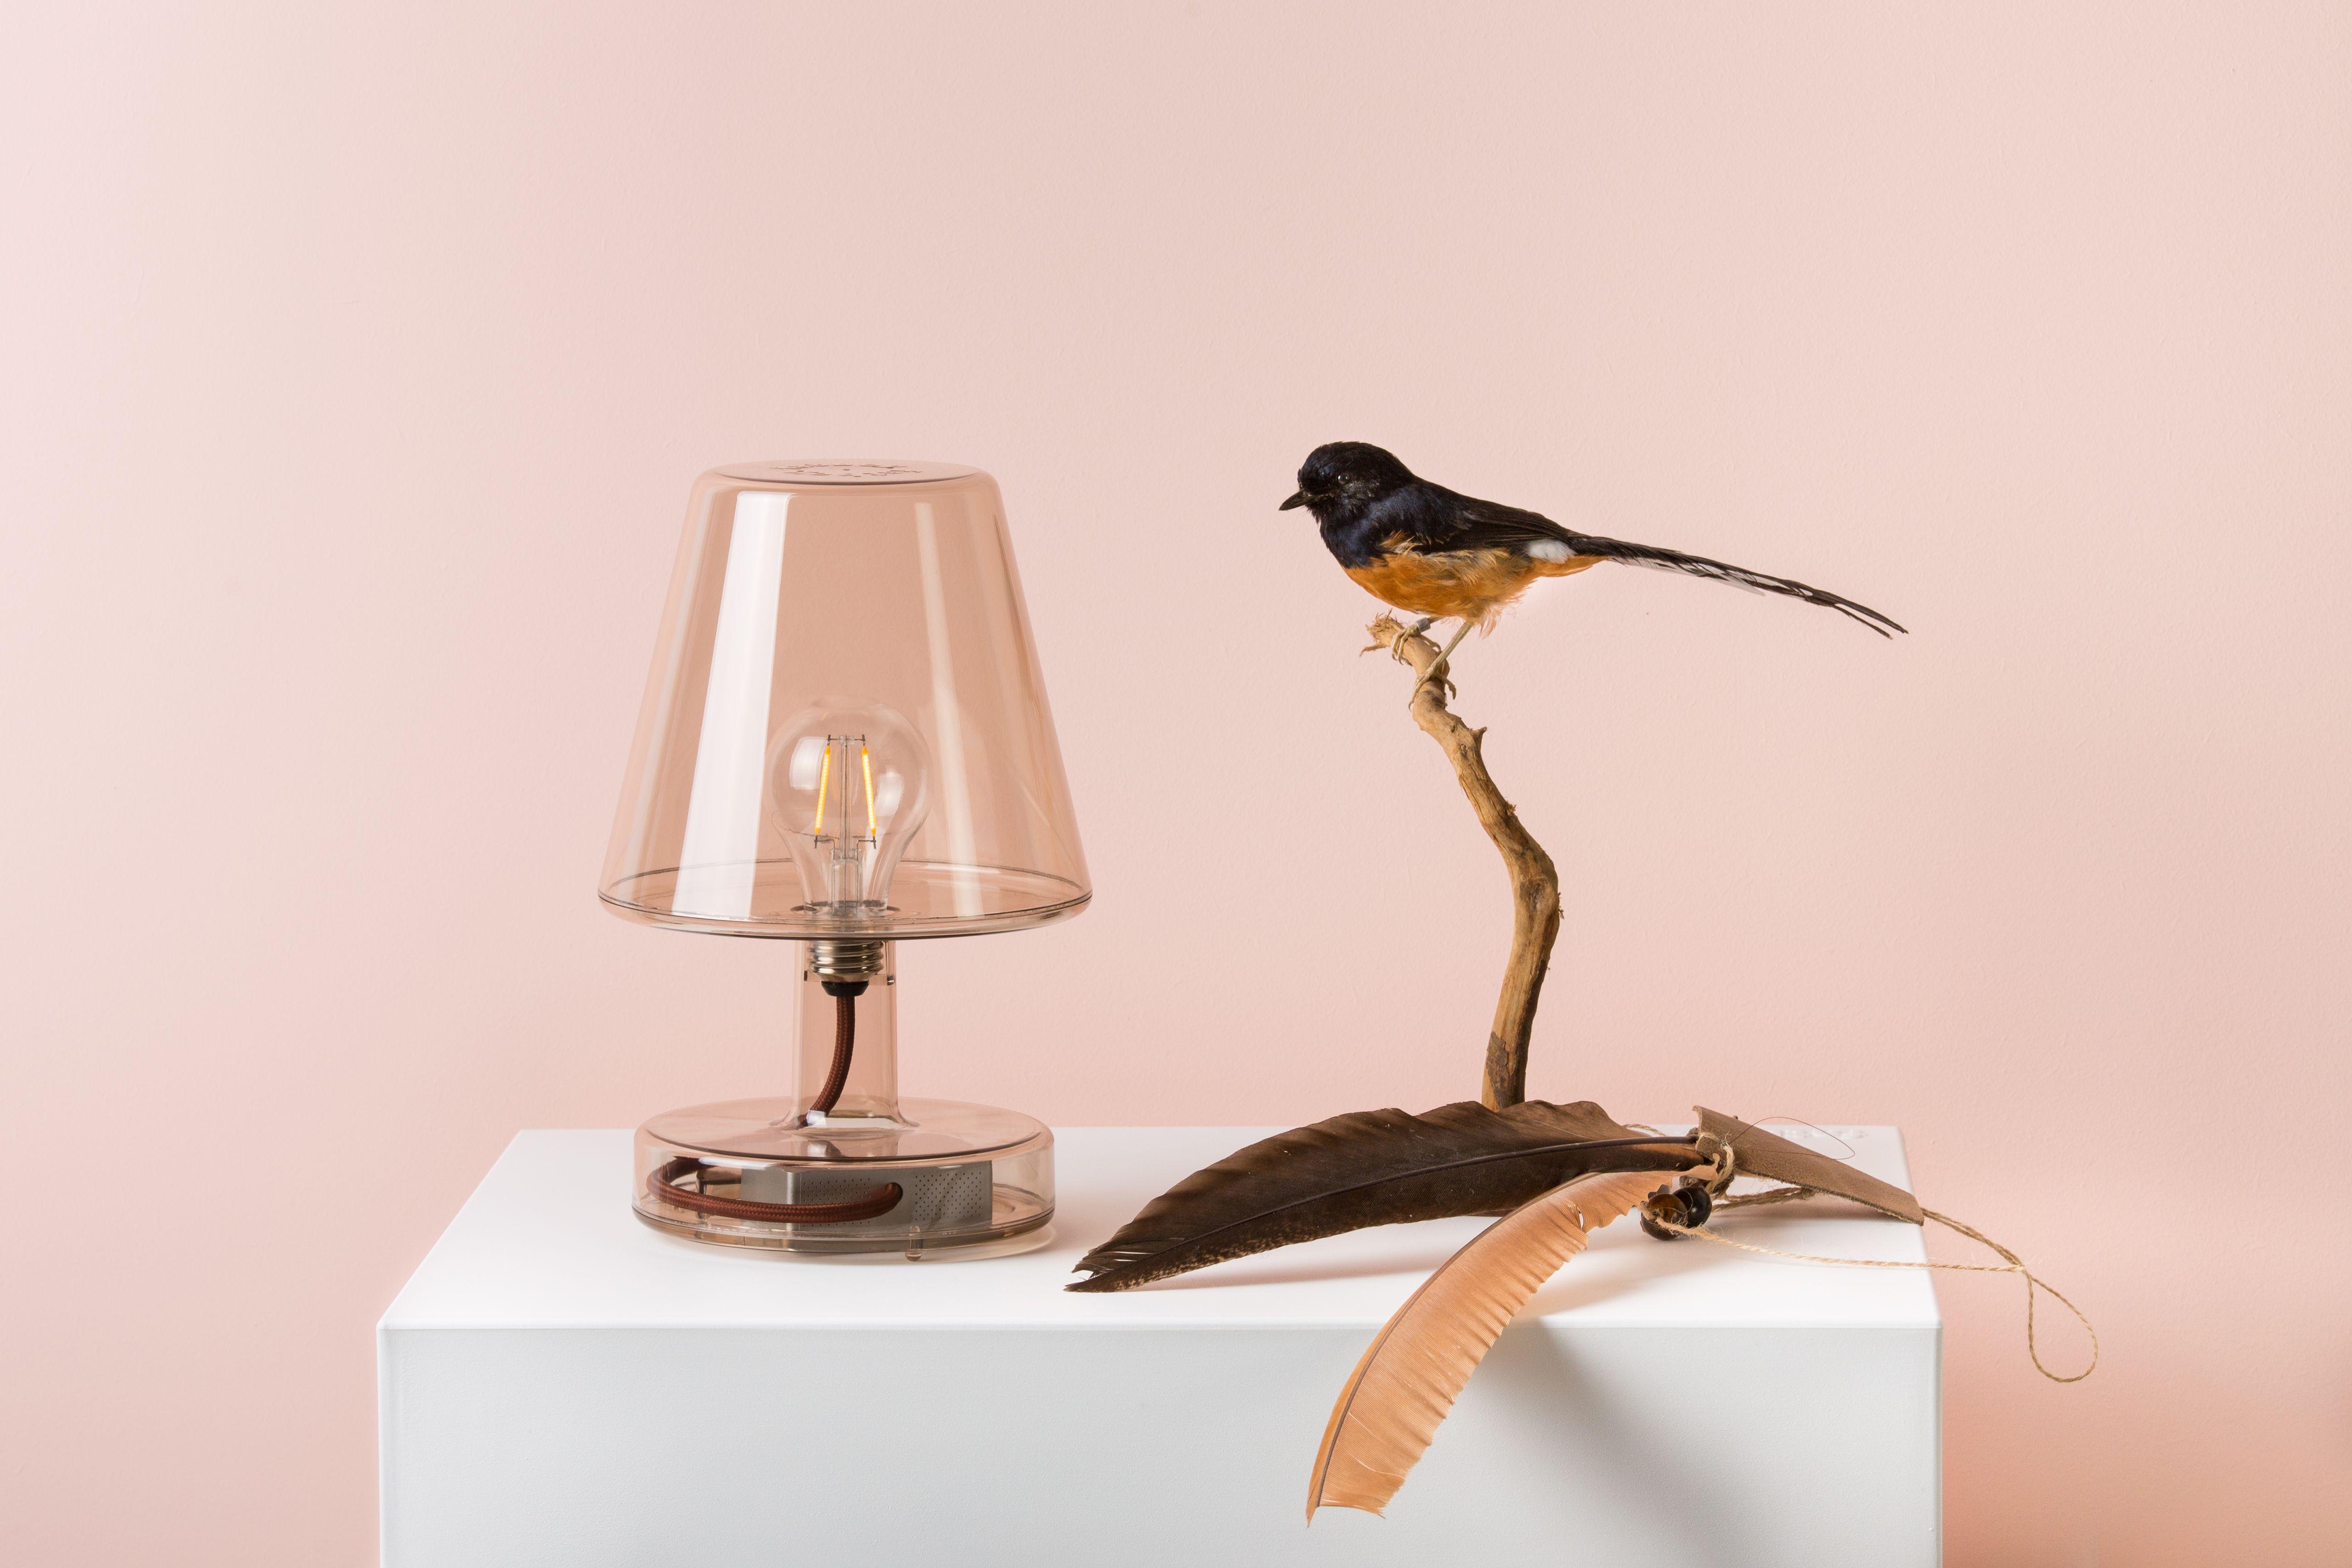 Tafellamp Transloetje Van Fatboy Brengt Een Bijzonder Transparant Karakter In Het Interieur De Lamp Heeft Dezelfde Looks Als De Oude Tafellamp Led Verlichting